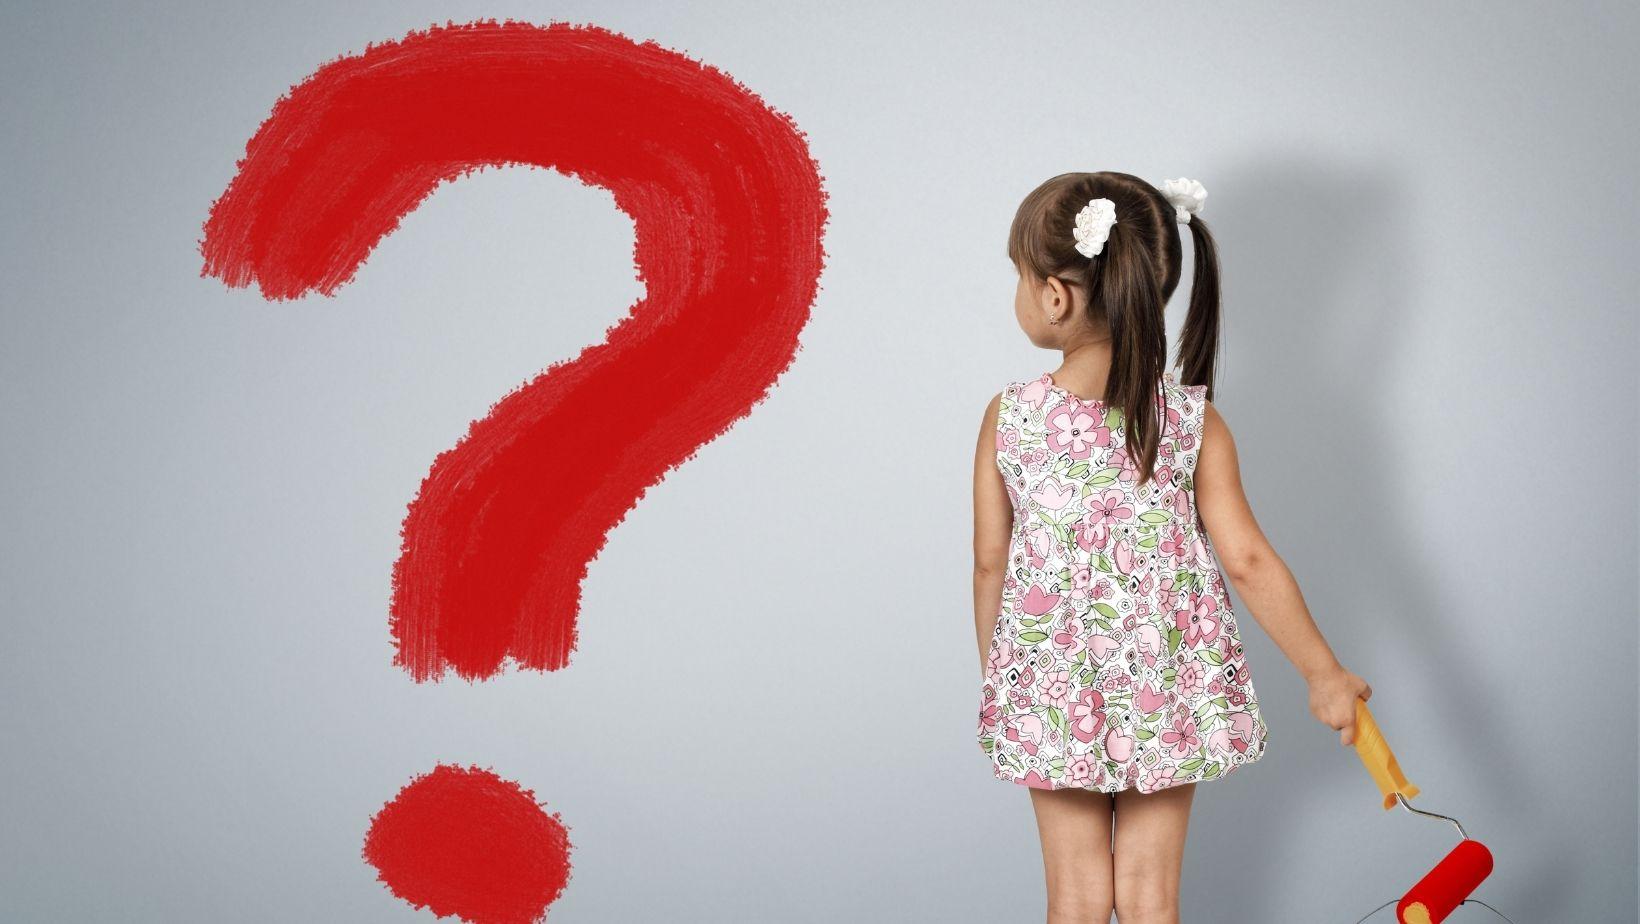 ΤΙ ΕΙΝΑΙ Η ΑΜΦΙΘΥΜΙΑ ΚΑΙ ΠΩΣ ΜΠΟΡΕΙ ΕΝΑ ΠΑΙΔΙ ΝΑ ΤΗ ΜΕΤΑΤΡΕΨΕΙ ΣΕ ΠΡΟΣΟΝ;